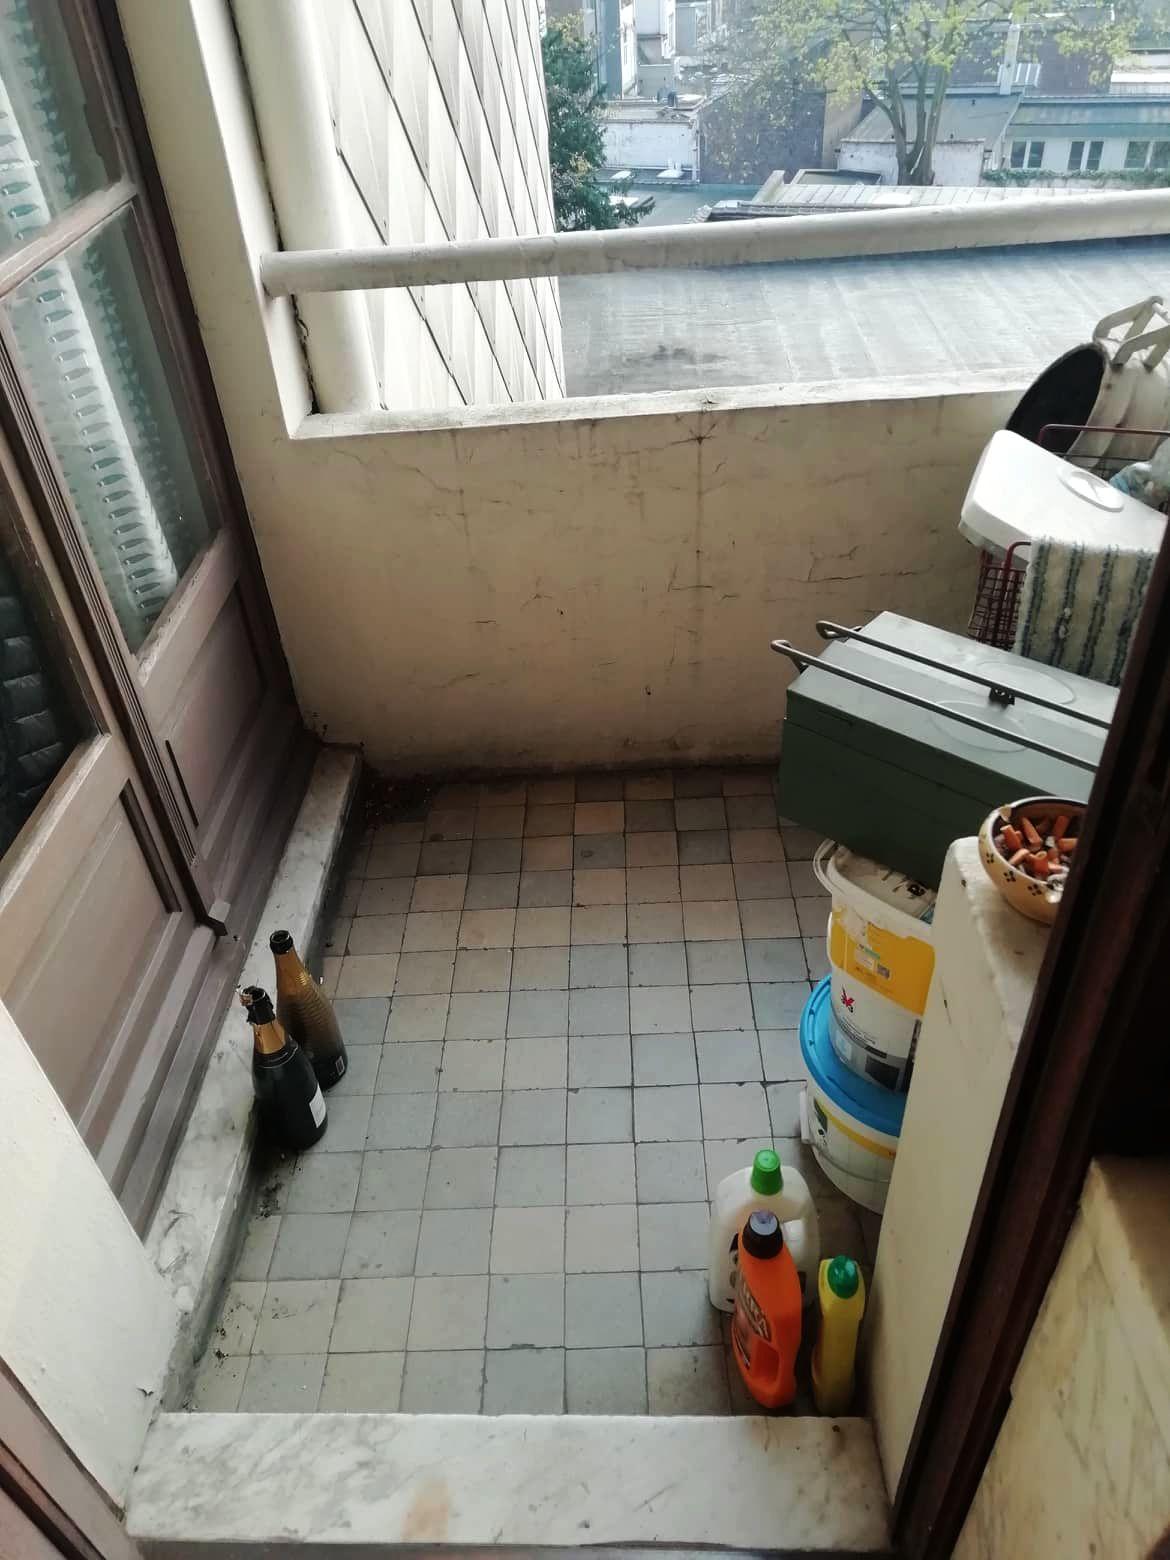 Erkélyzöldítés távolból - instant tavasz Kati brüsszeli erkélyén